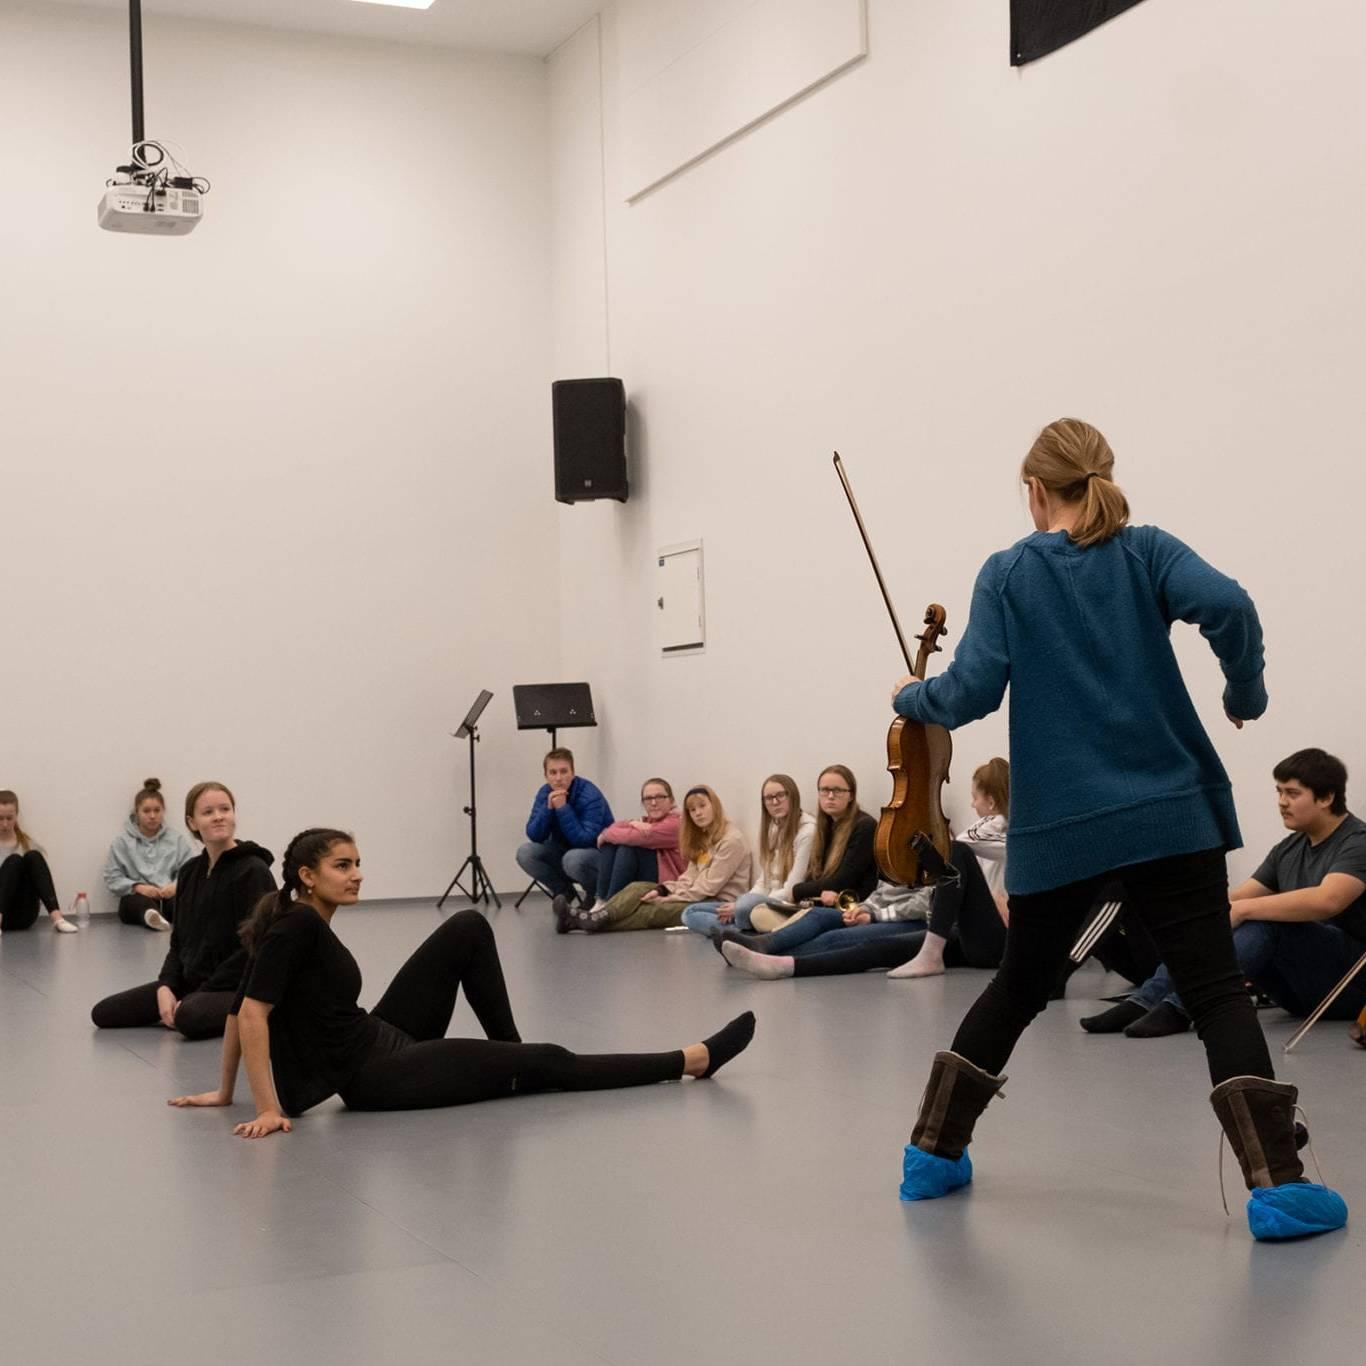 Med innlevelse instruerer Berit Værnes Cardas danserne Kornelia Sundberg og Martine Støholen fra Tynset. Foto: Trine Lysholm Hagan.